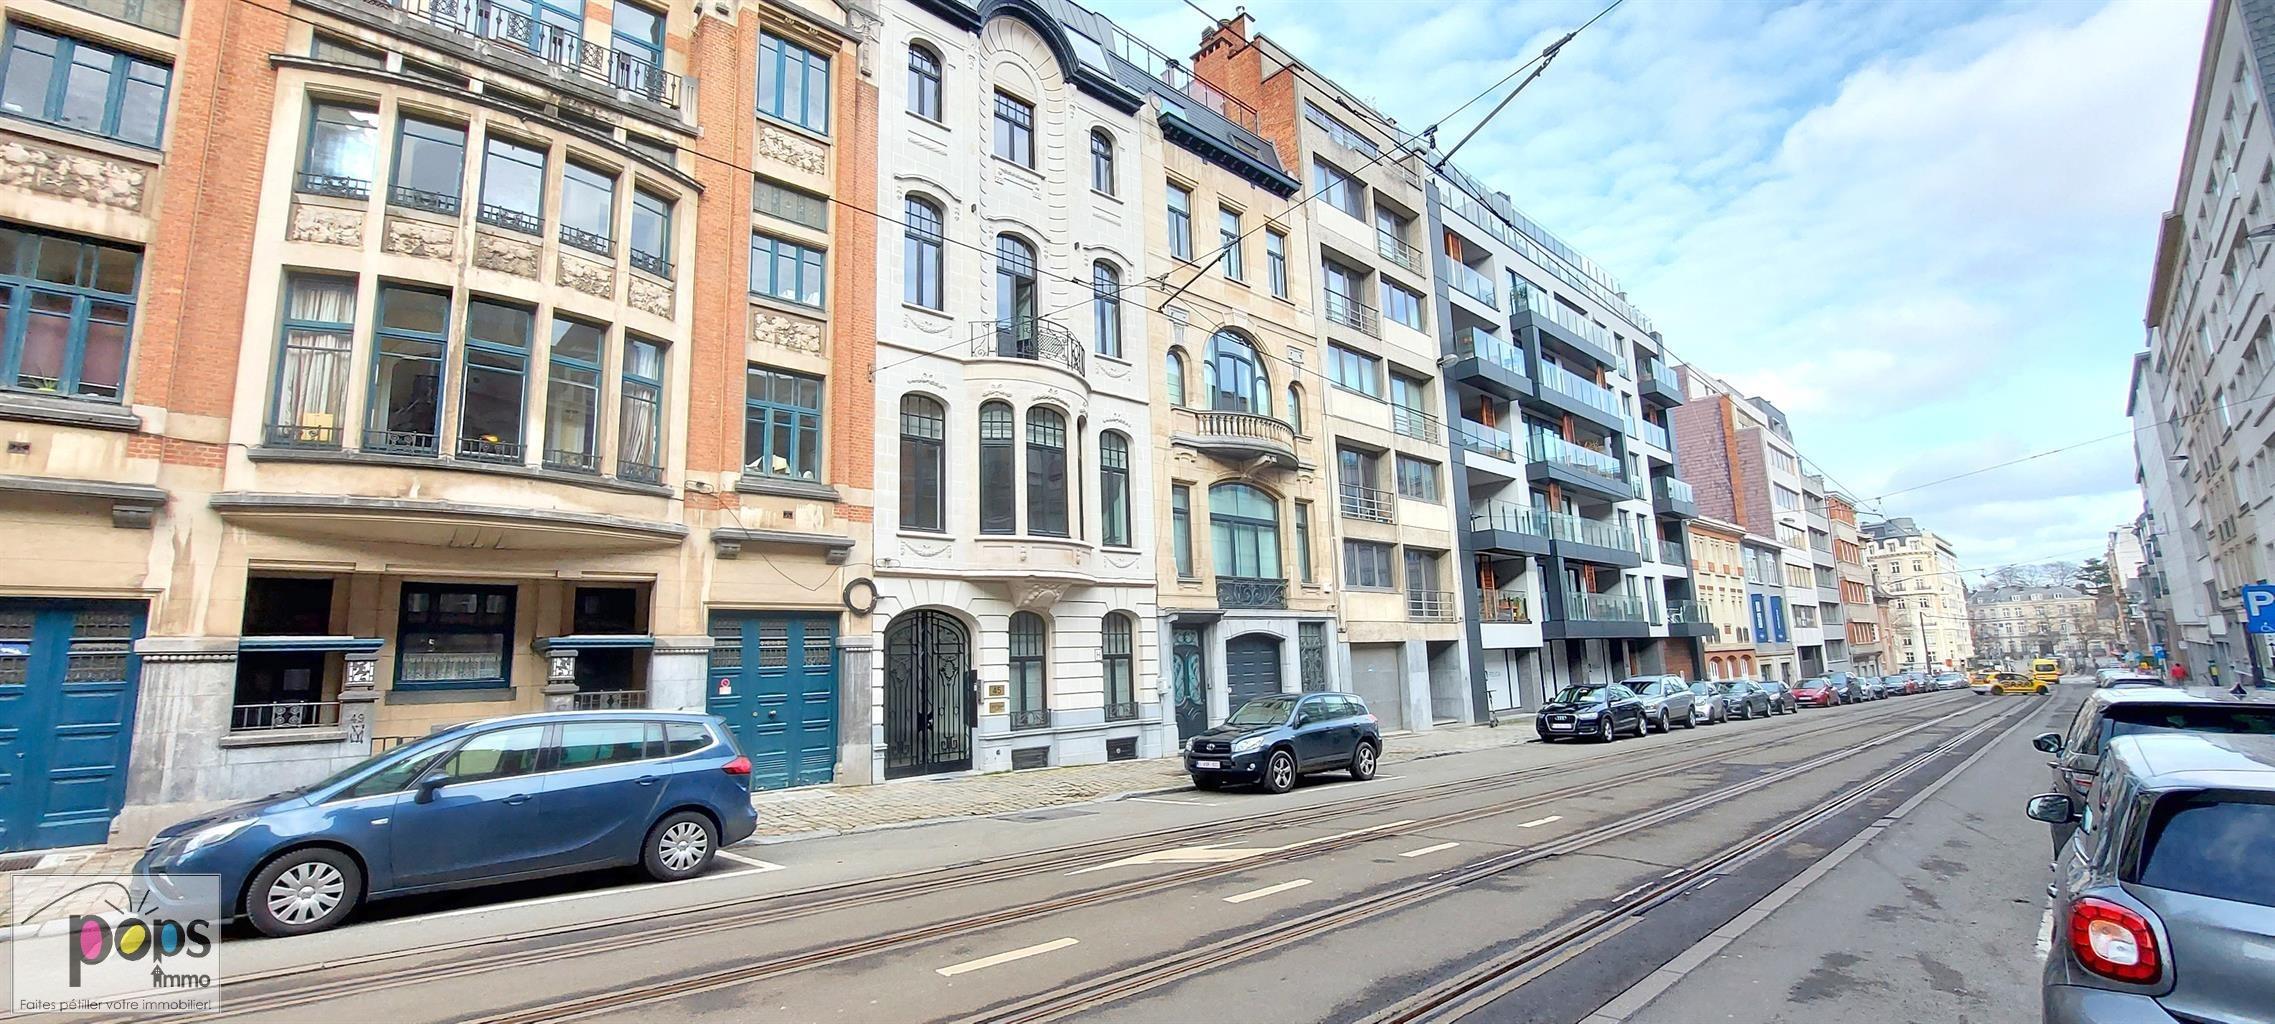 Appartement exceptionnel - Bruxelles - #4307954-40